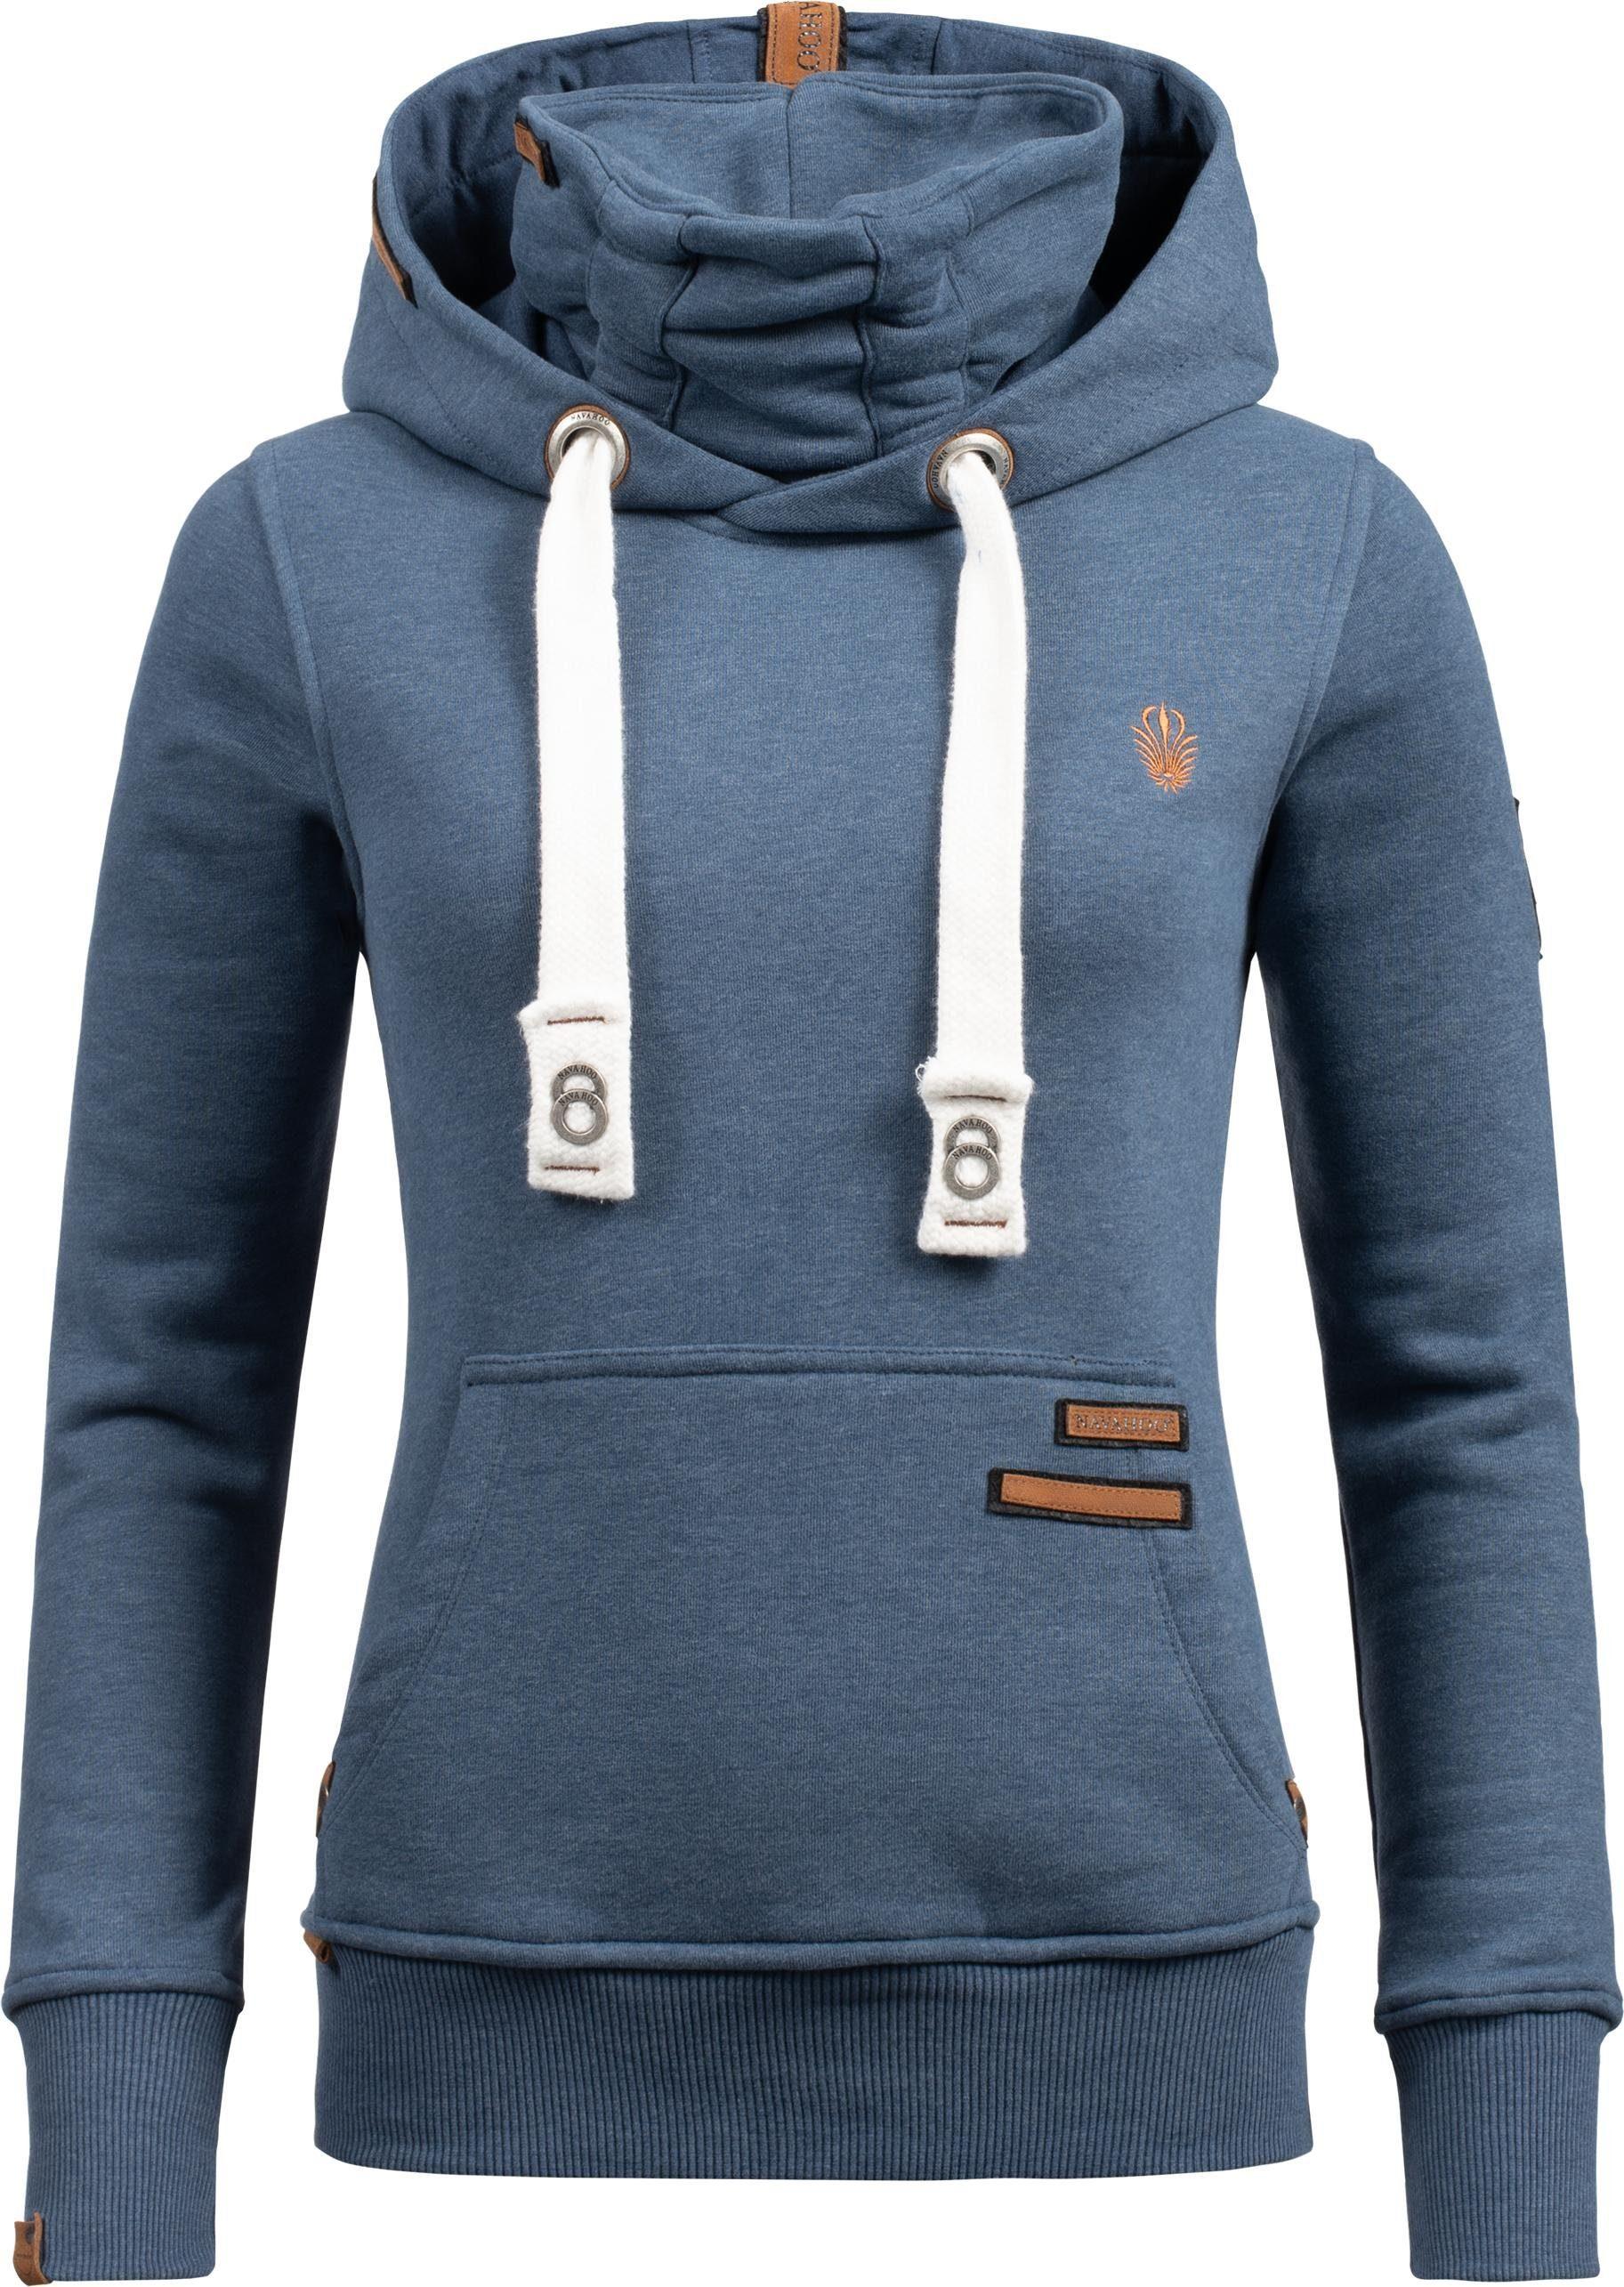 Navahoo Kapuzensweatshirt »Raniaa« weicher Hoodie mit dicken Tunnelzugkordeln an der Kapuze online kaufen | OTTO